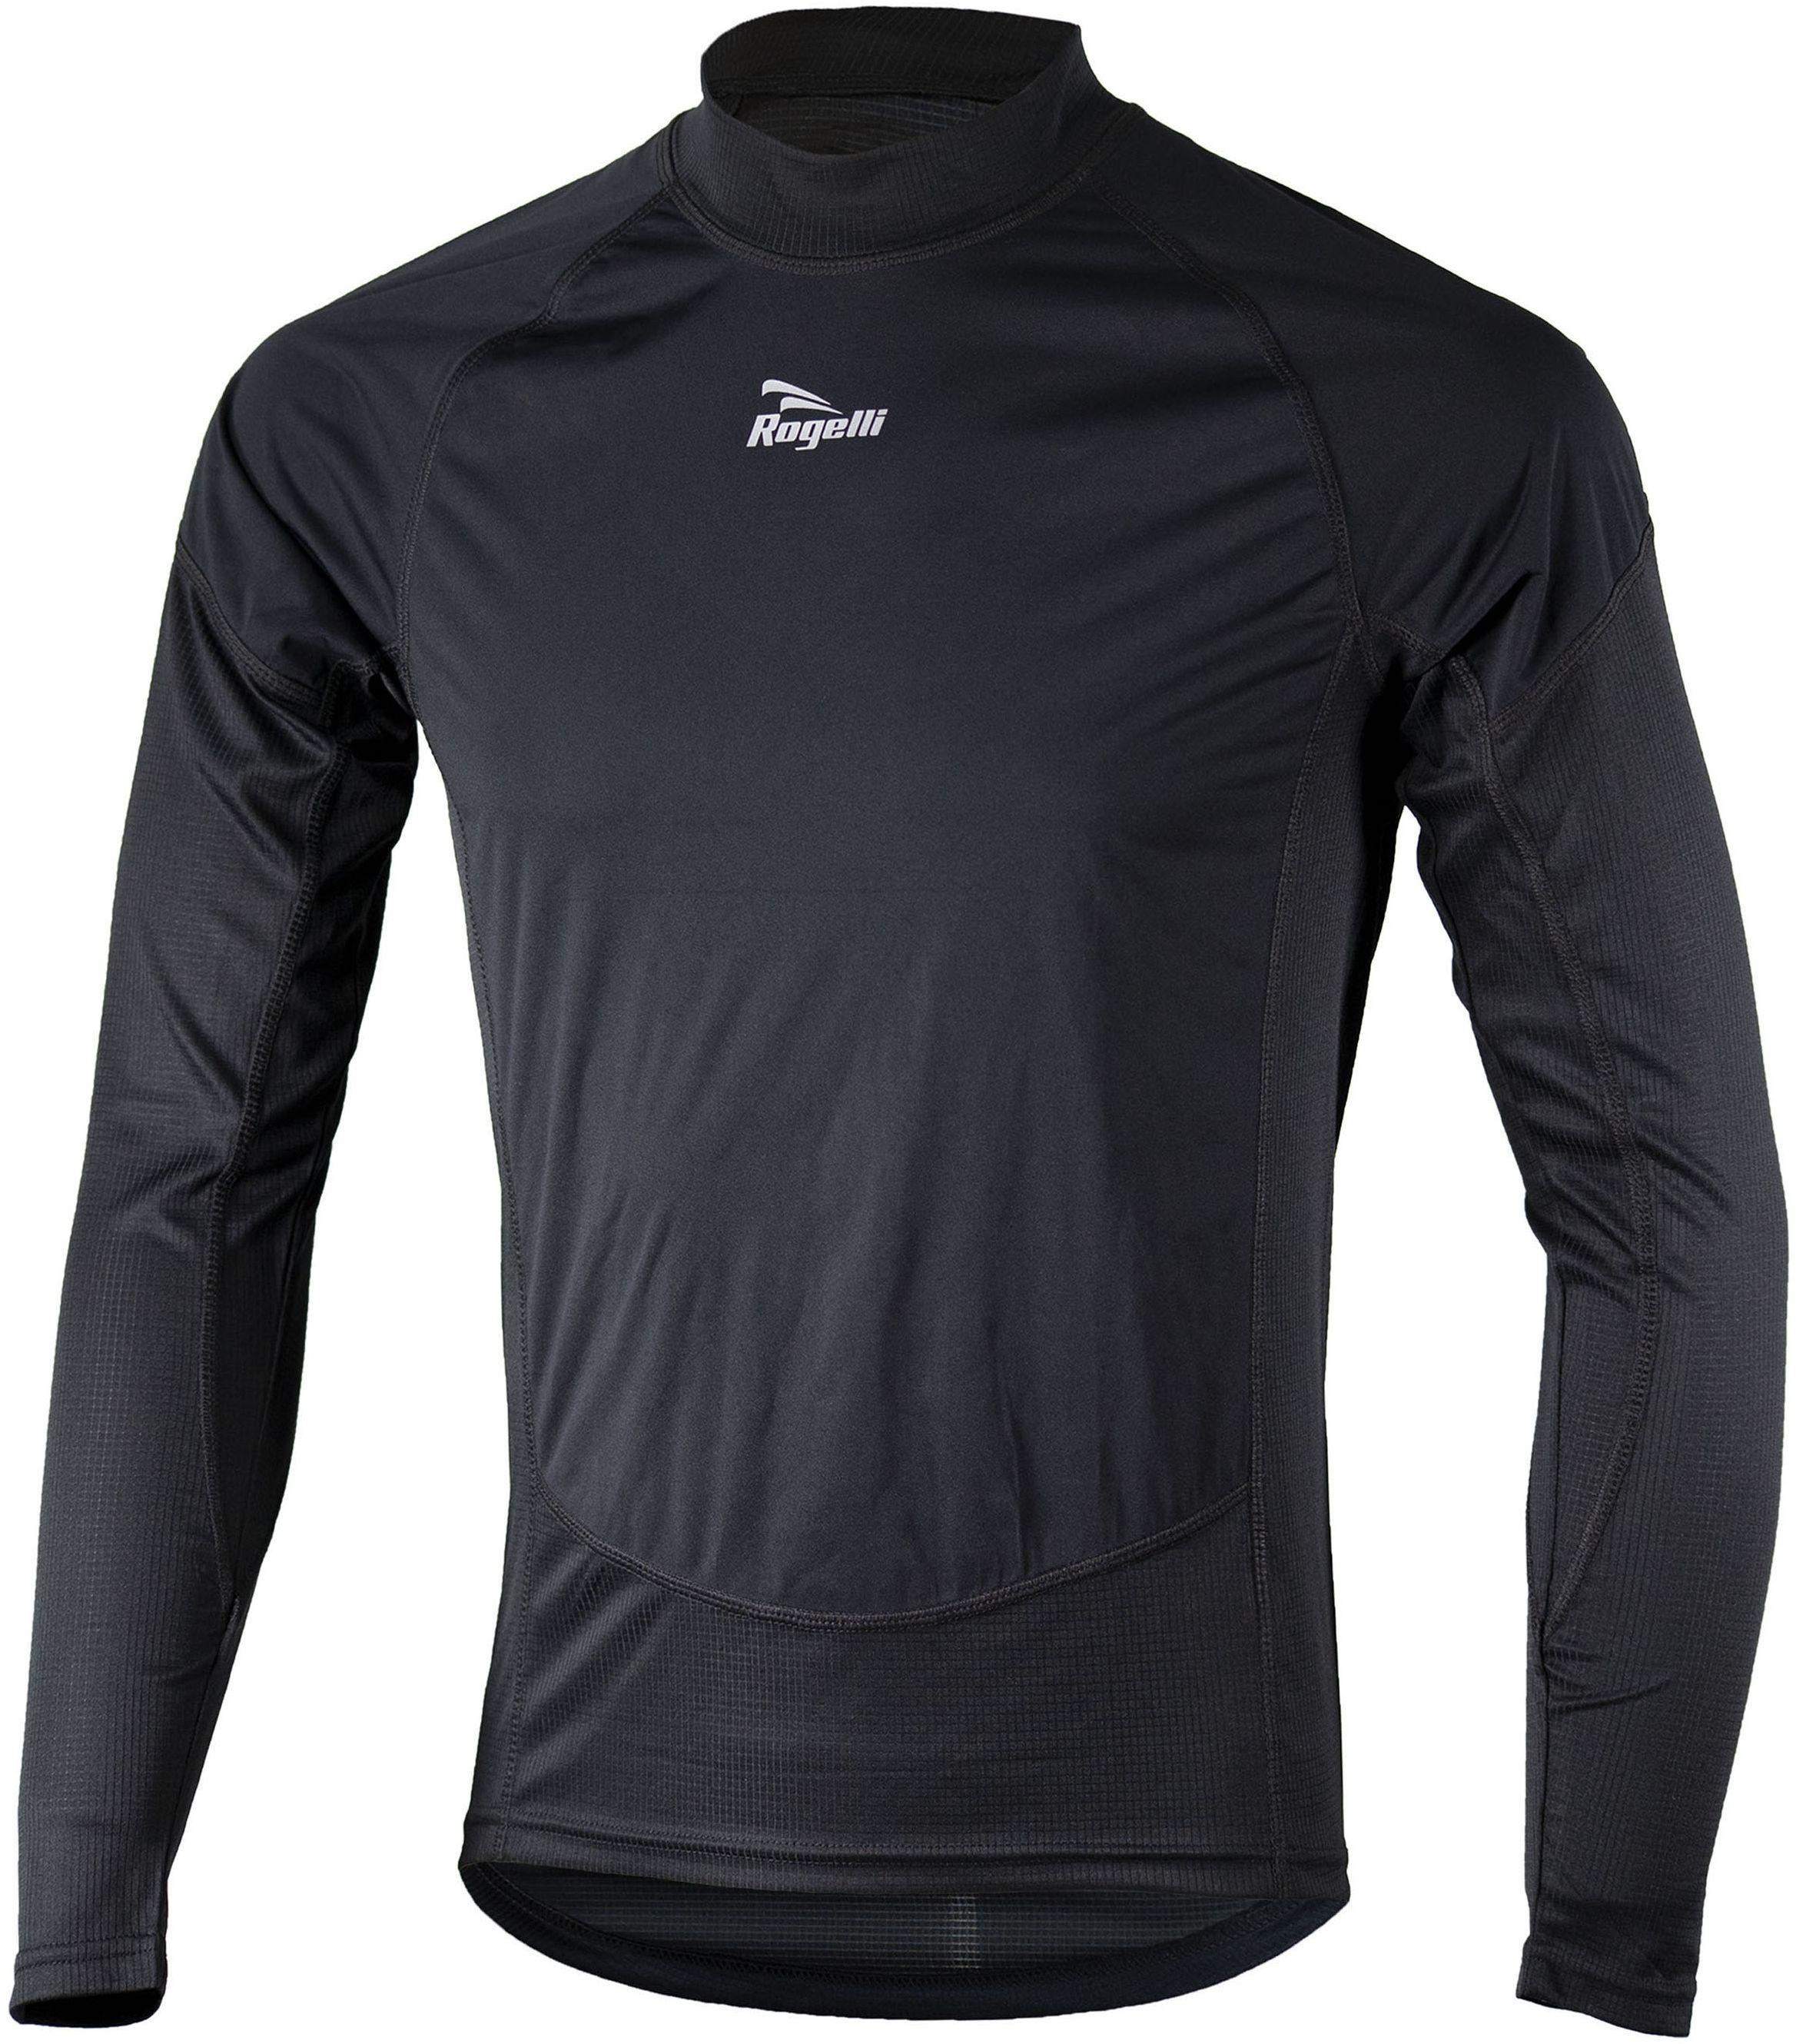 ROGELLI bielizna męska koszulka z panelami NO-WIND 070.025 Rozmiar: 2XL,rog-no-wind-black